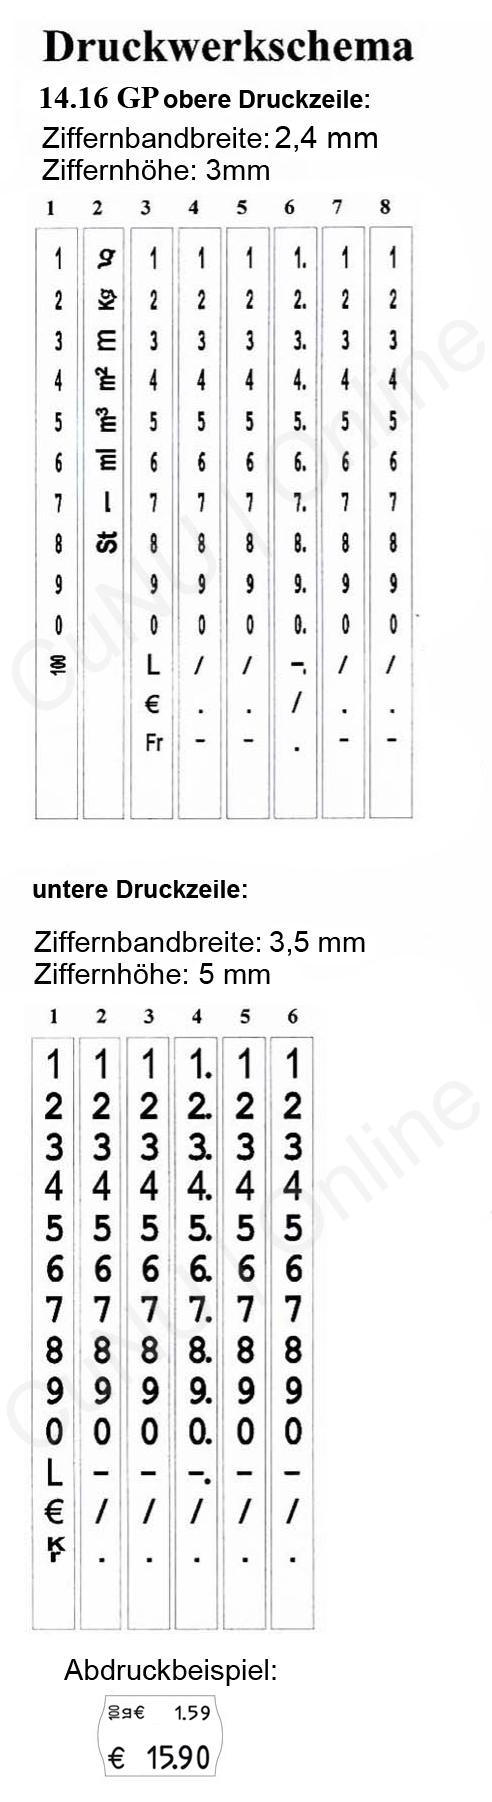 contact Etikettierer für Grundpreise, 14.16 GP